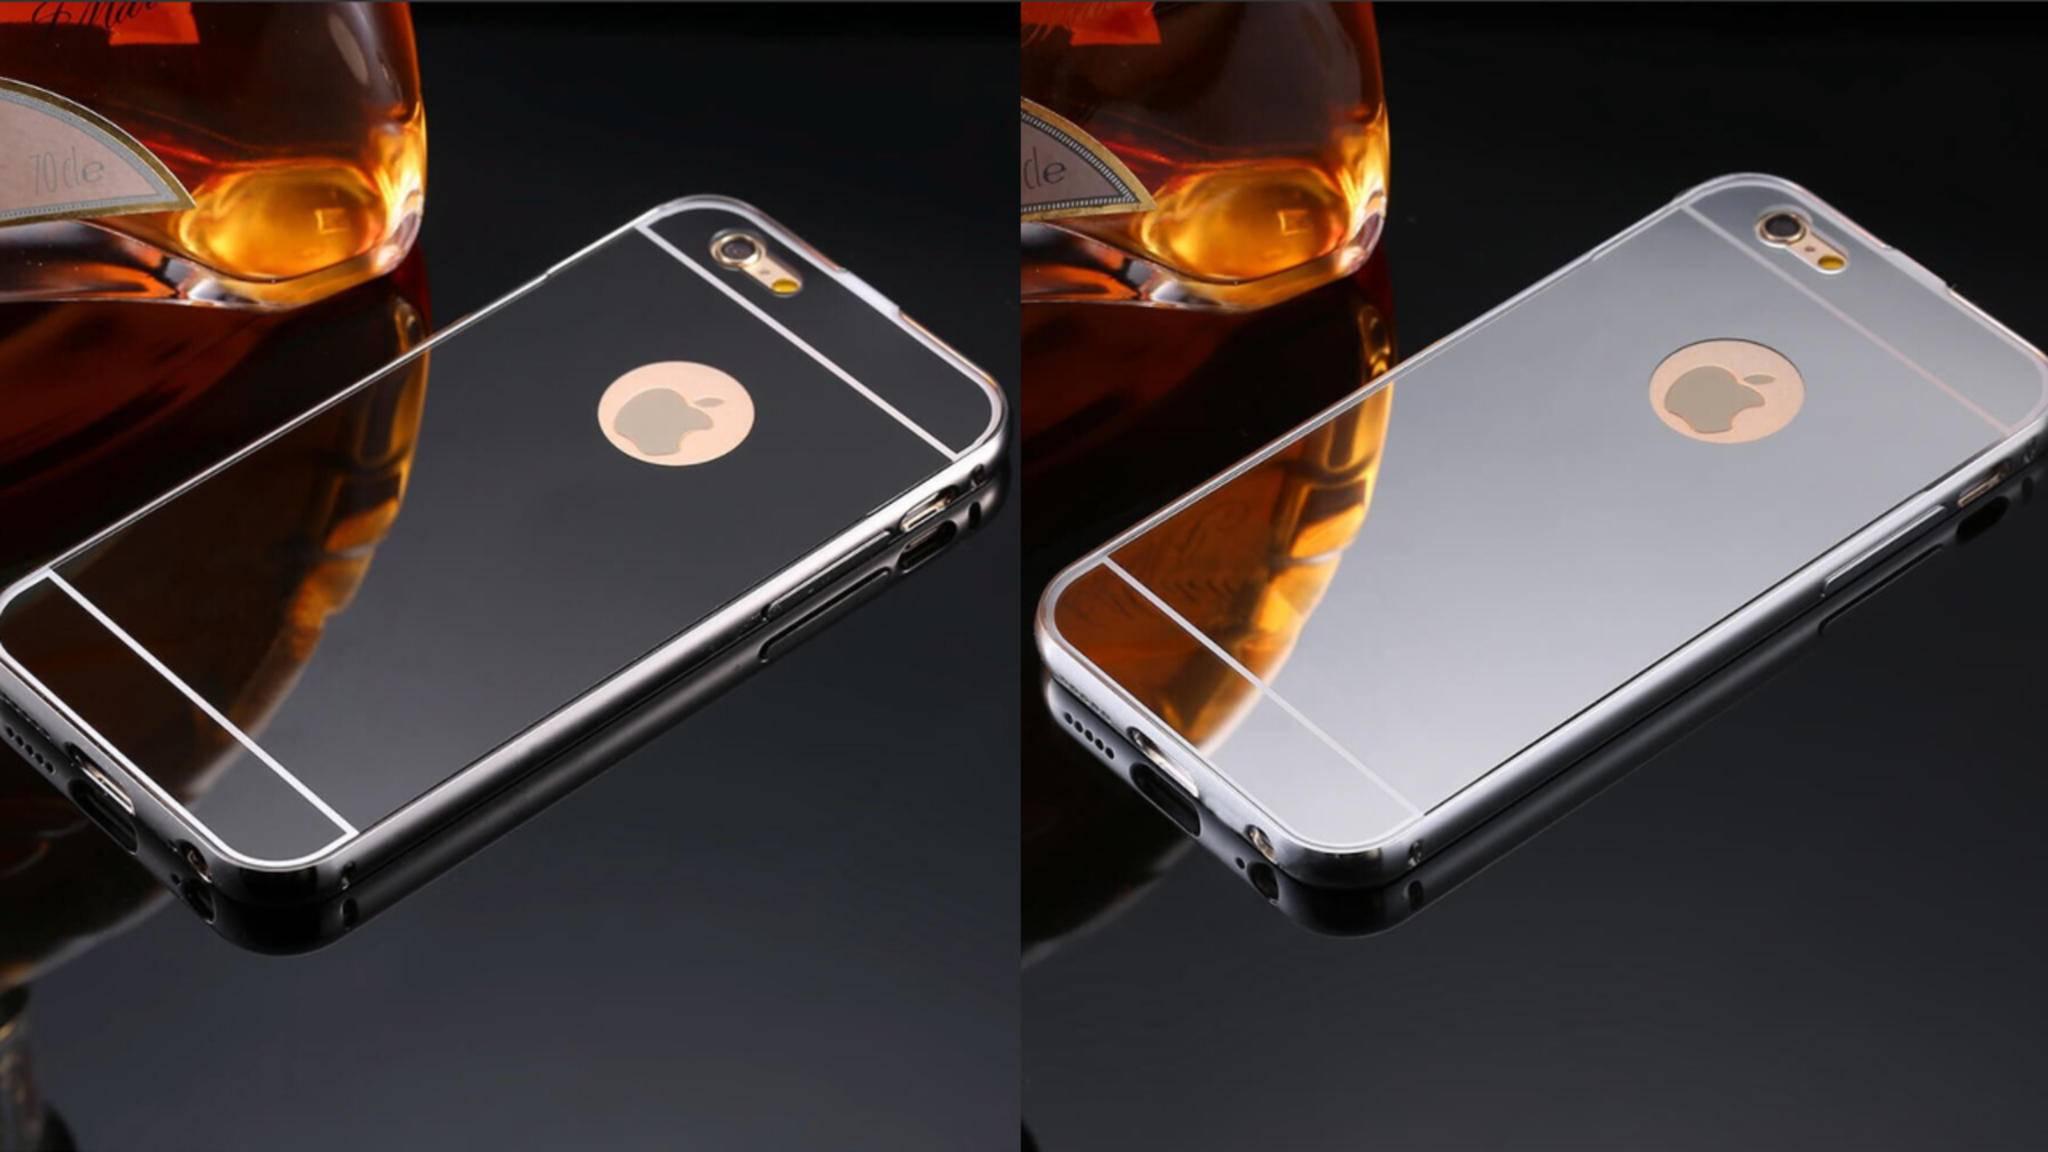 Das iPhone 8 soll auch mit spiegelnder Rückseite erscheinen.